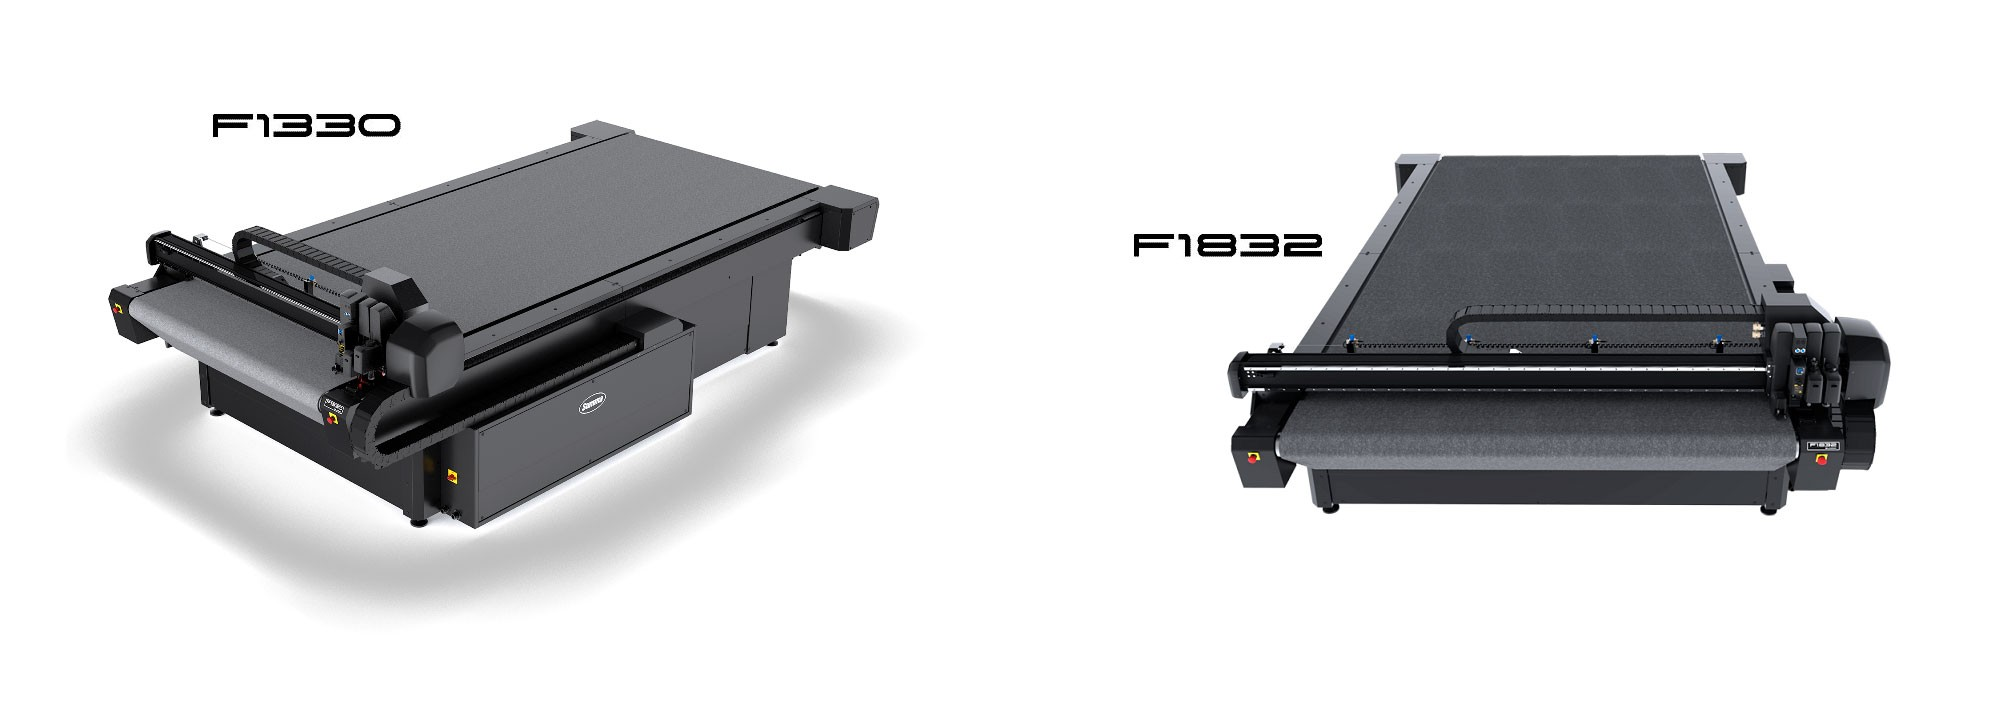 F1330-F1832